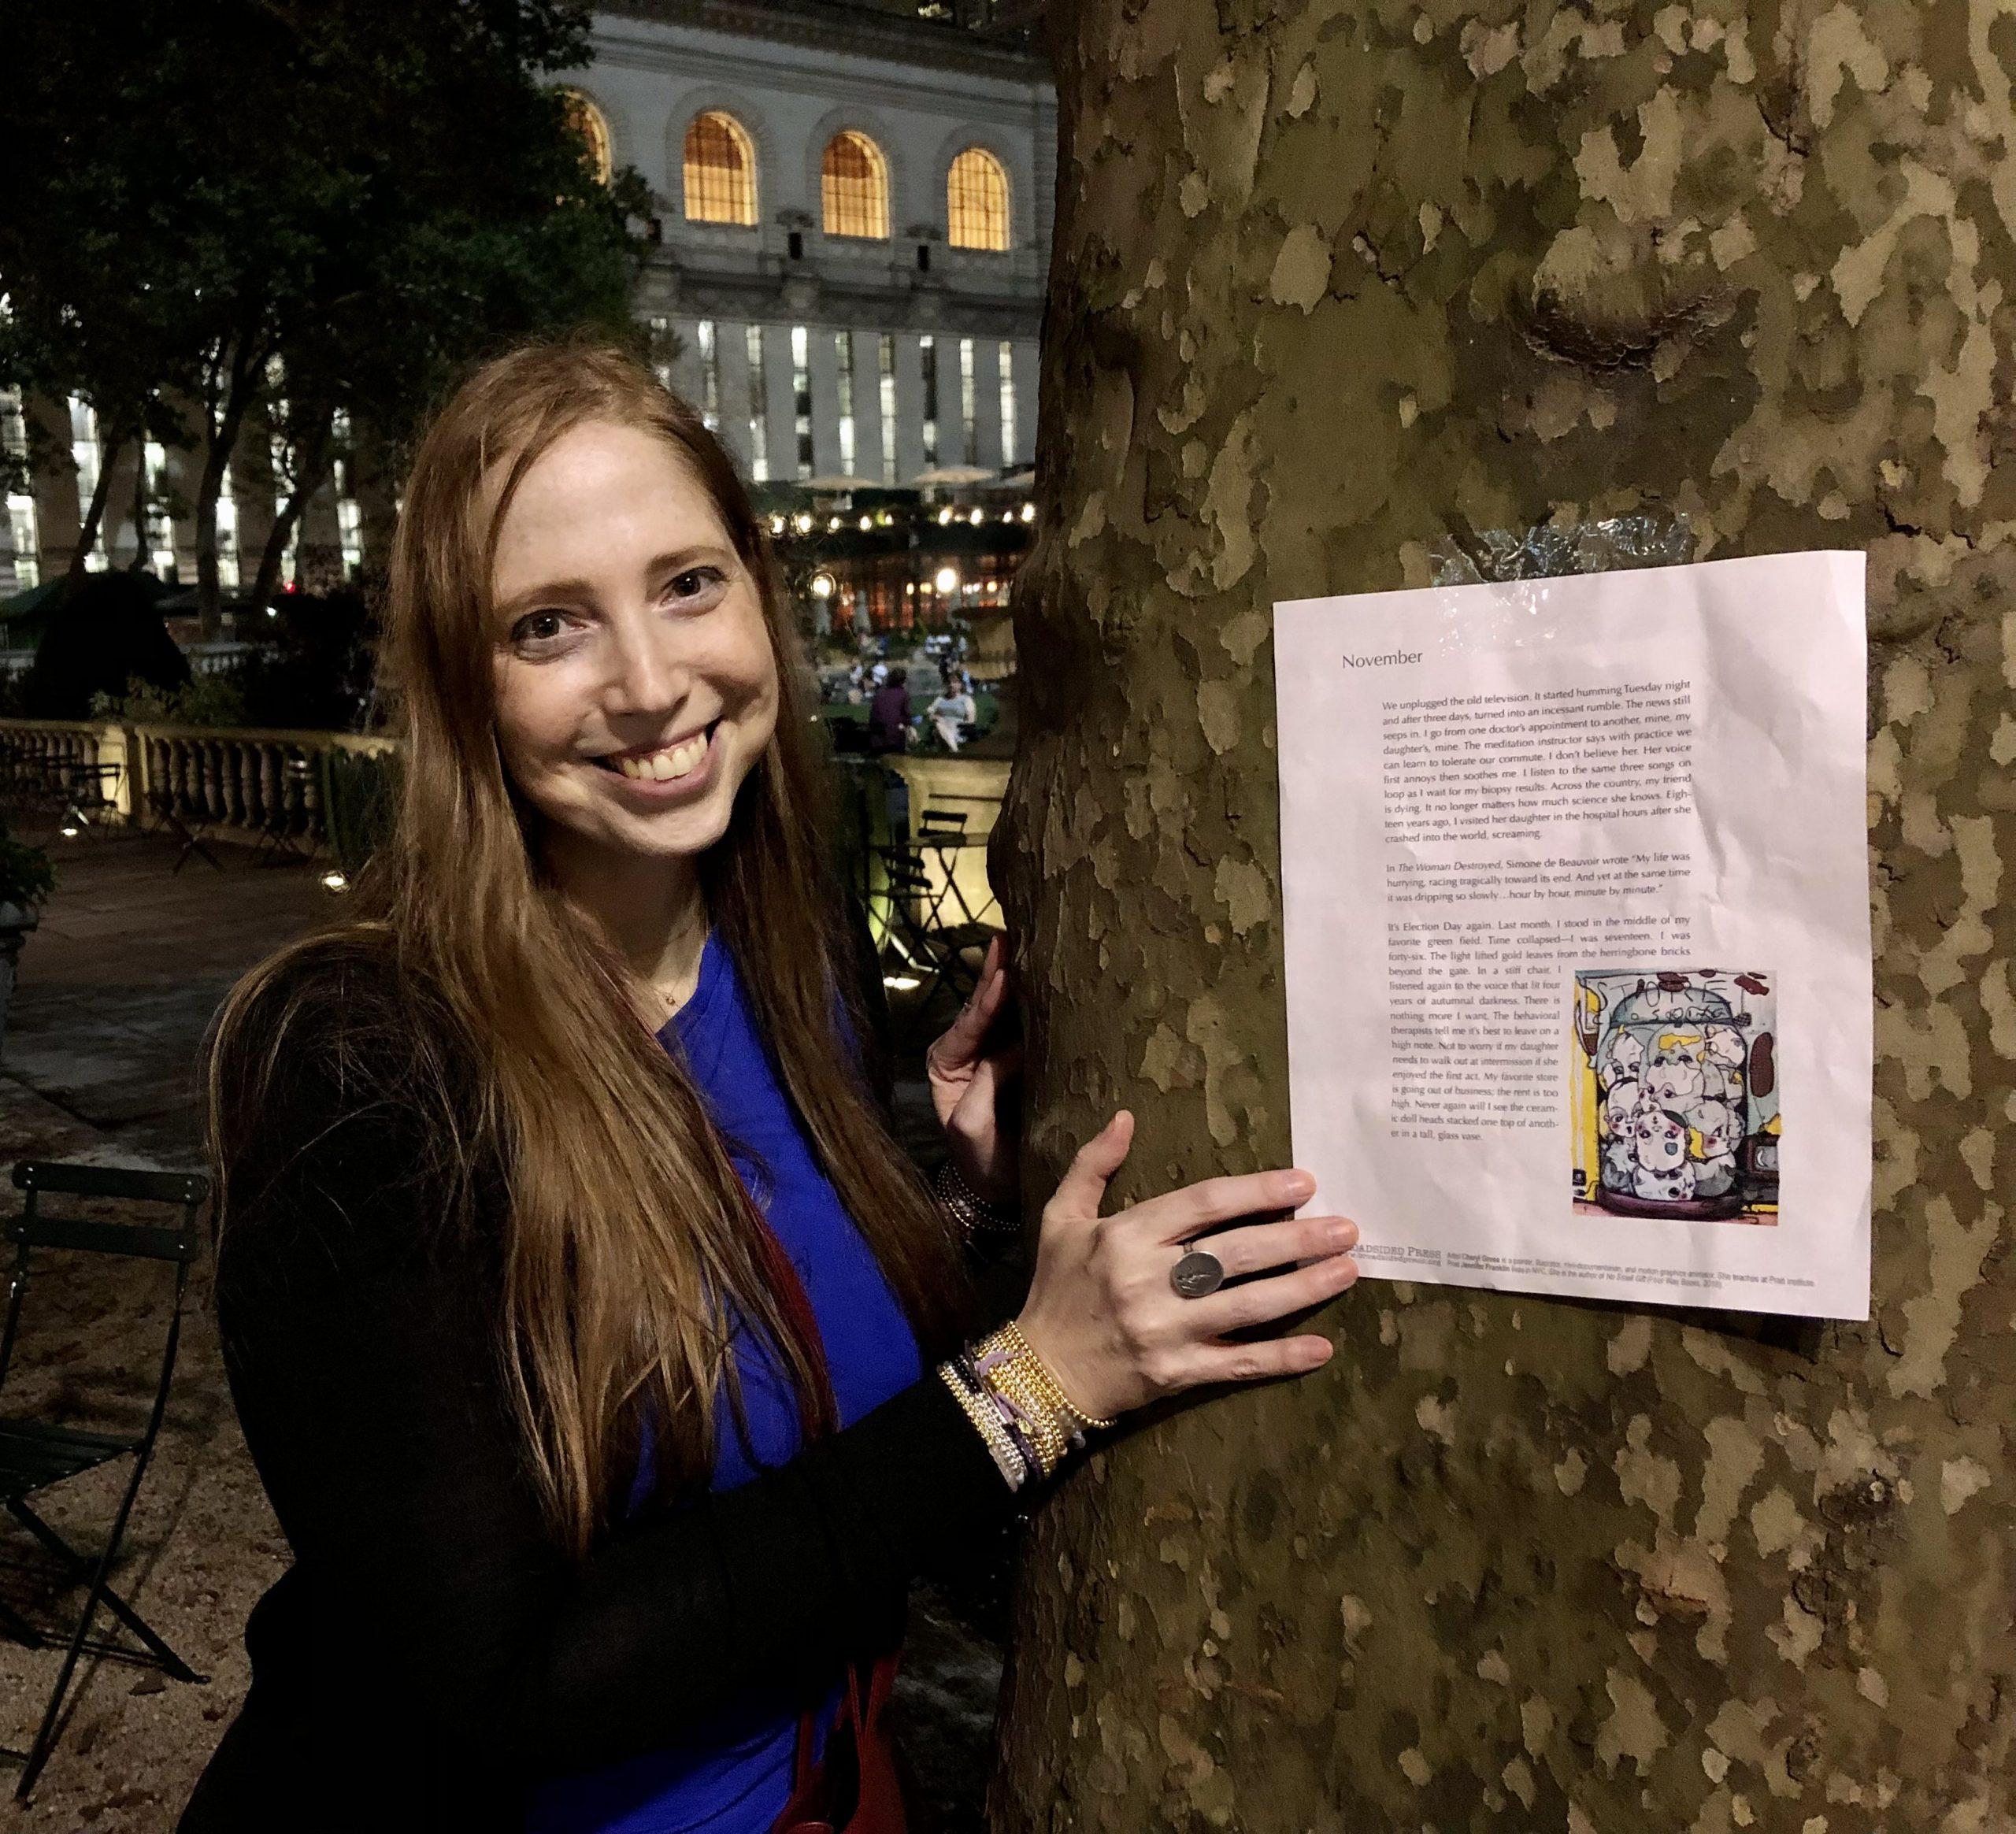 Poet Jennifer Franklin smiling left in evening next to broadside on tree.